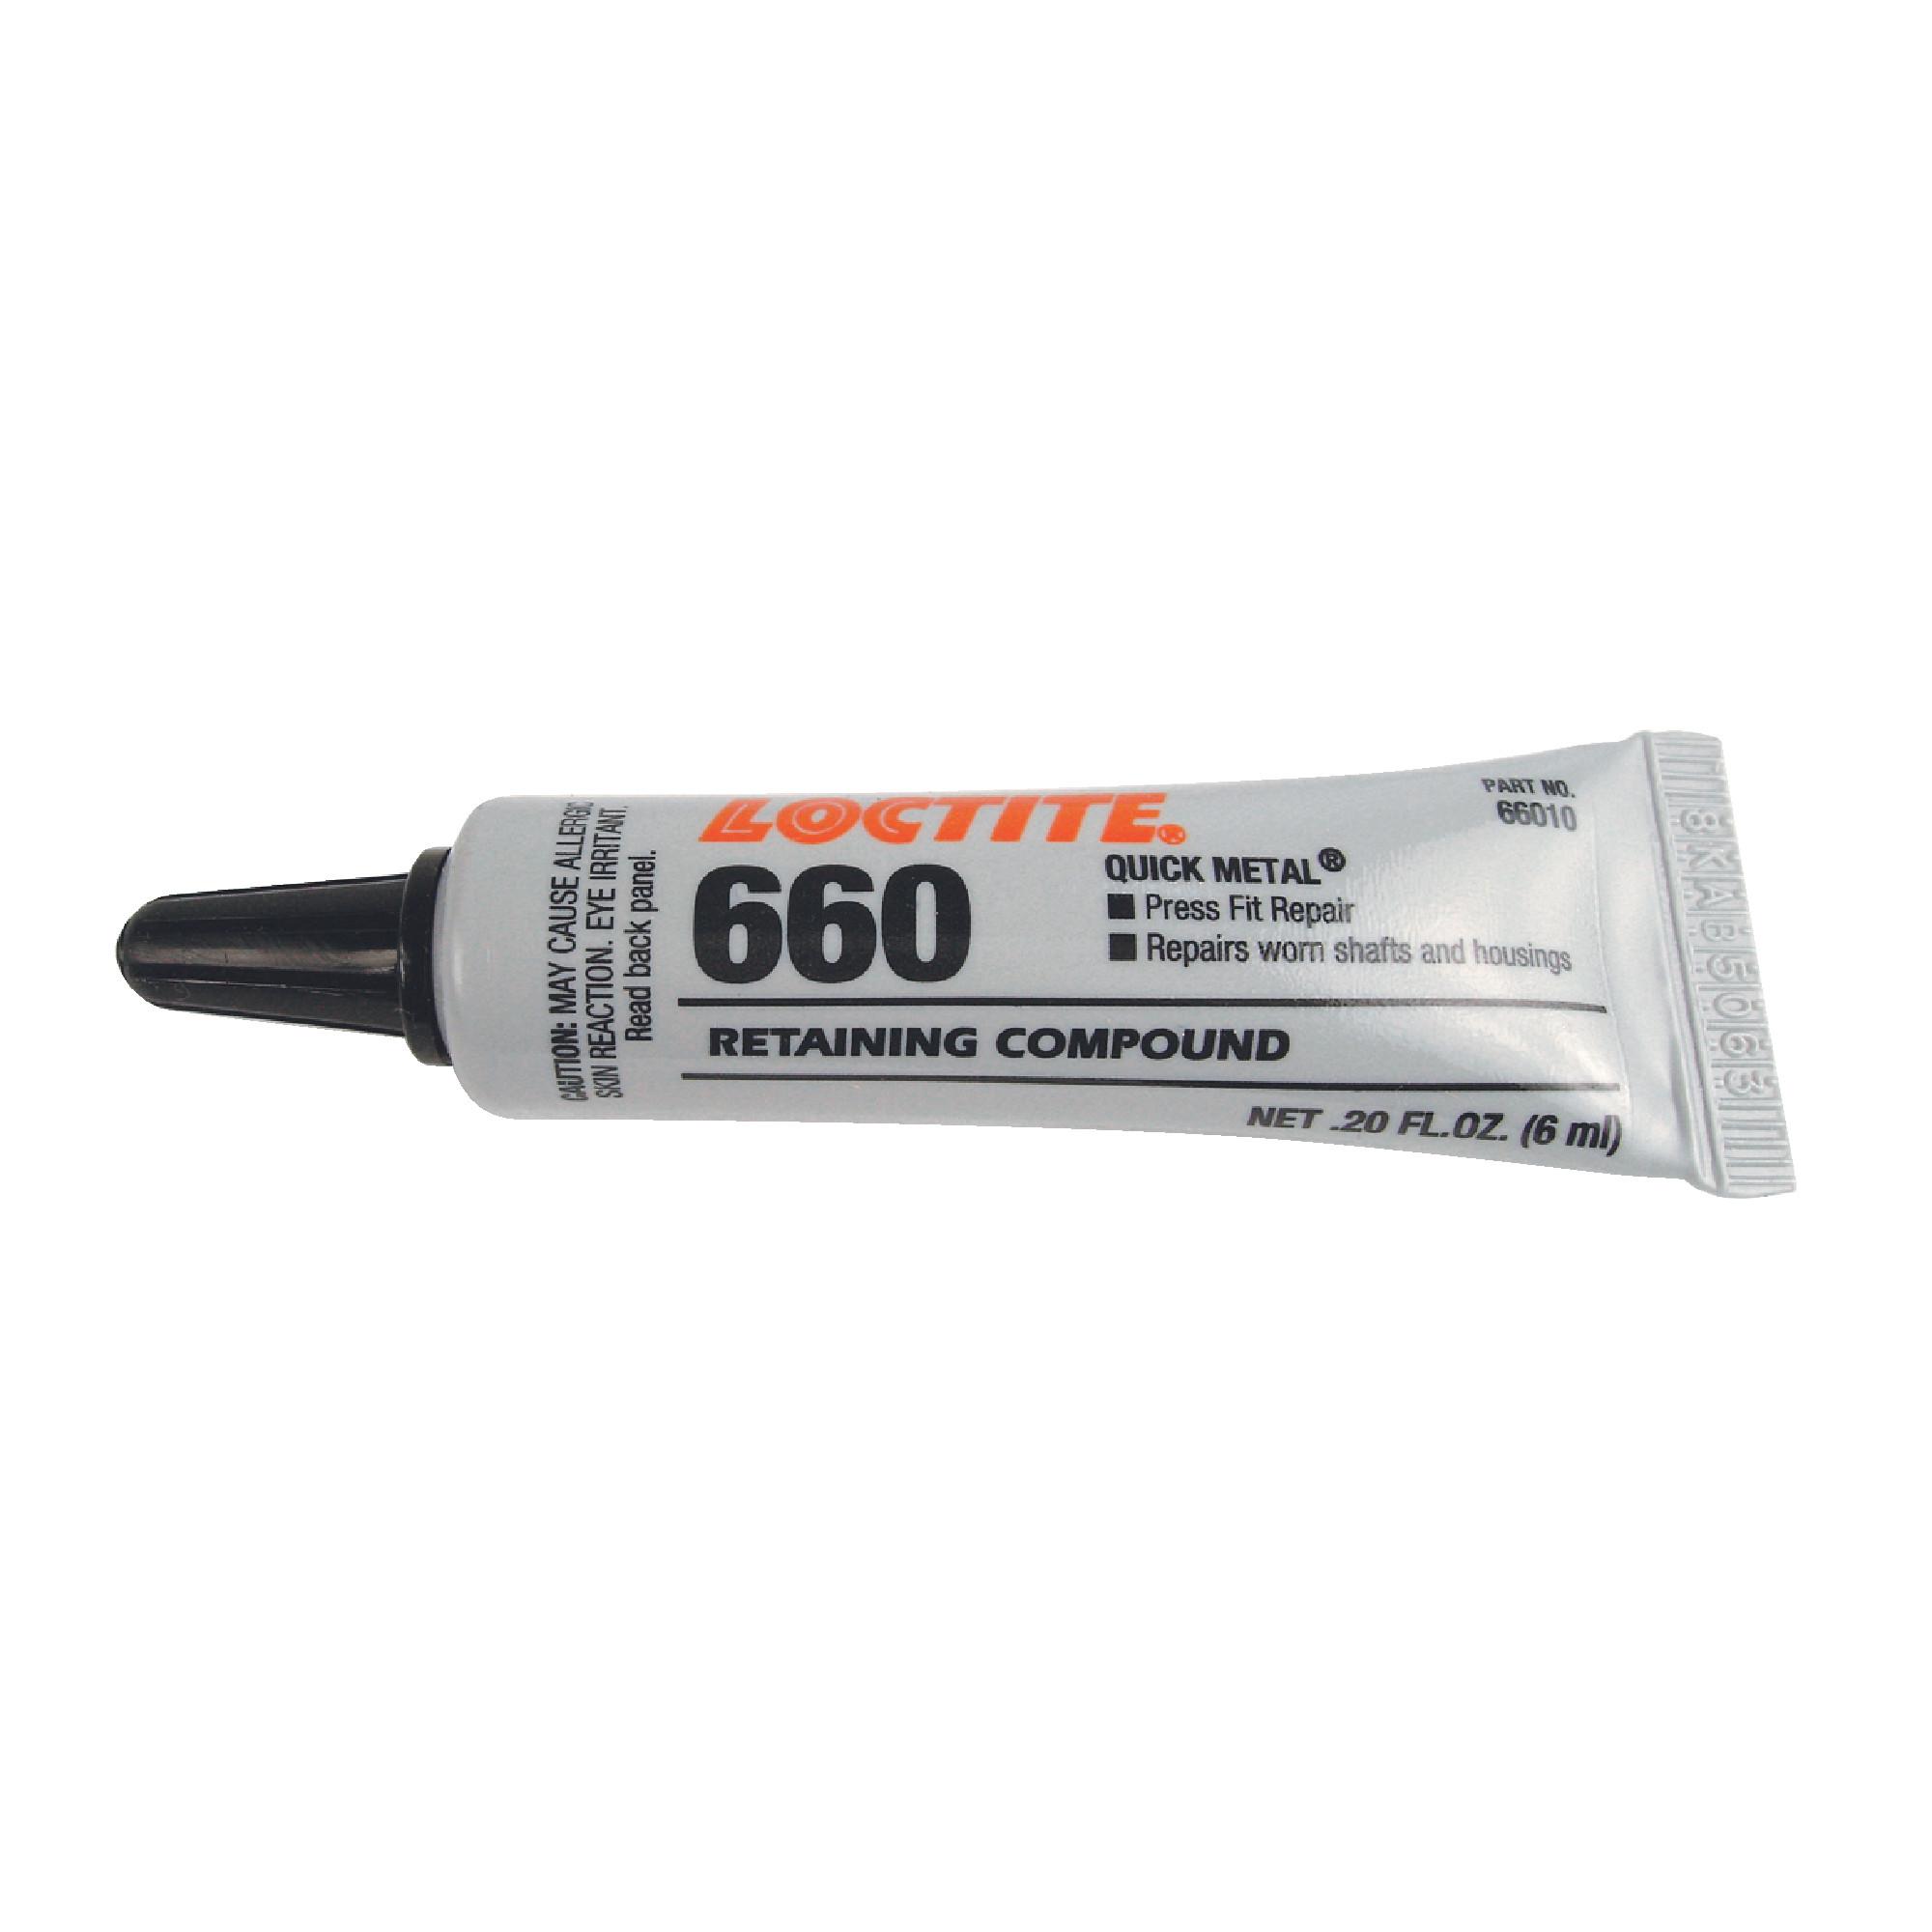 660™ Quick Metal® Retaining Compound